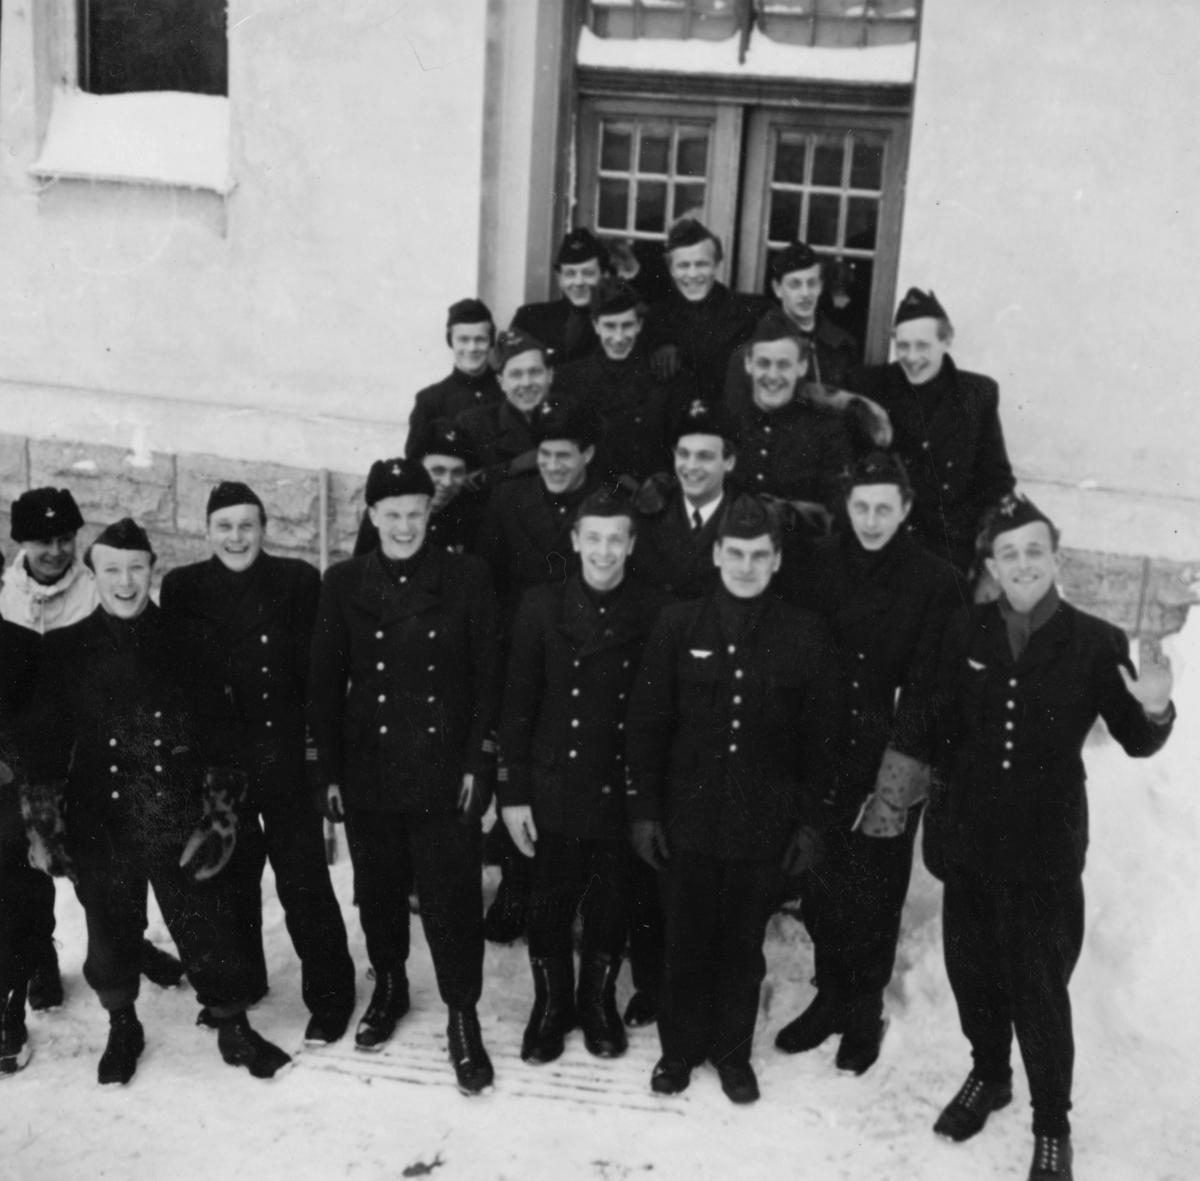 Gruppfoto av mekaniker och flygförare från F 14 före den planerade flygningen Halmstad-Kiruna i februari 1946. 19 män samlade framför hus. Flygningen slutade i nödlandning i Härnösandstrakten den 10 februari 1946.